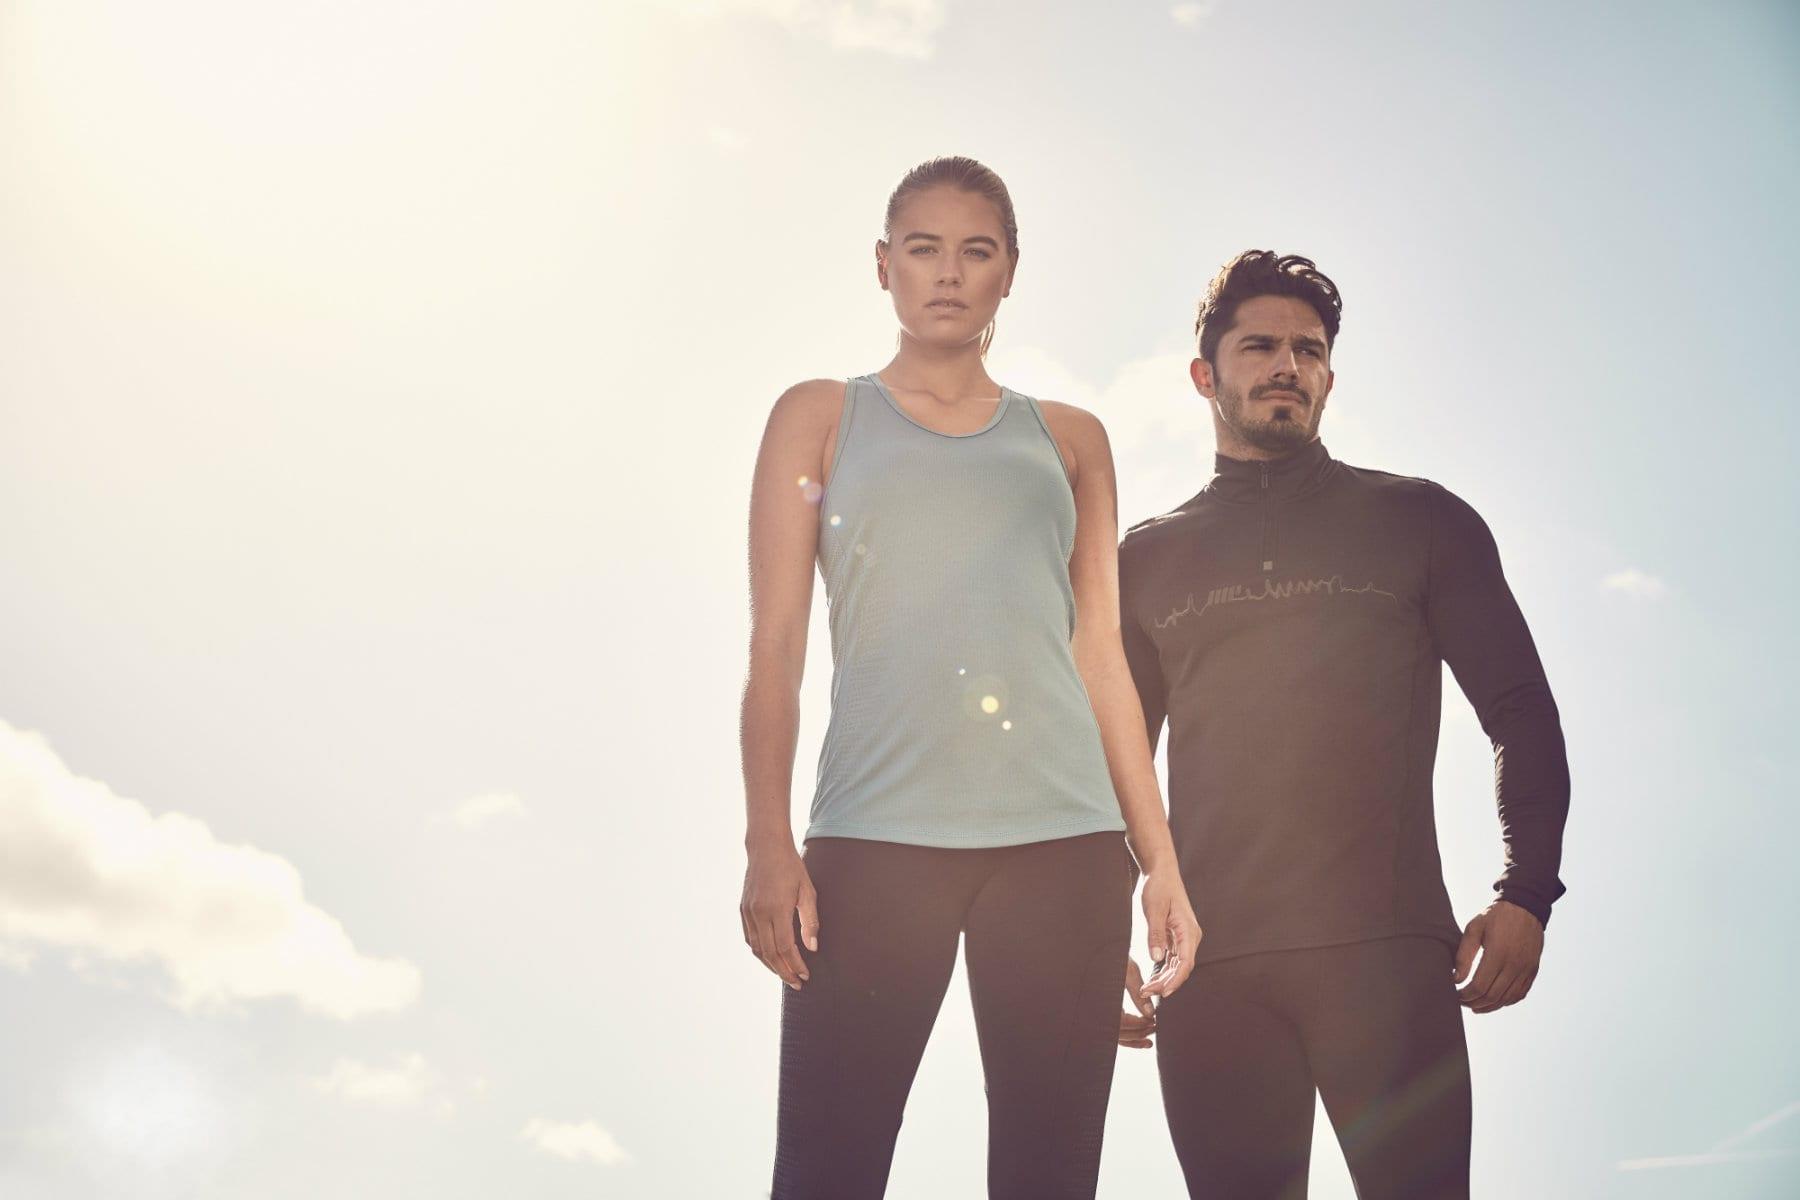 Sportteljesítmény fokozása és javítása   Érd el a célodat - MYPROTEIN™